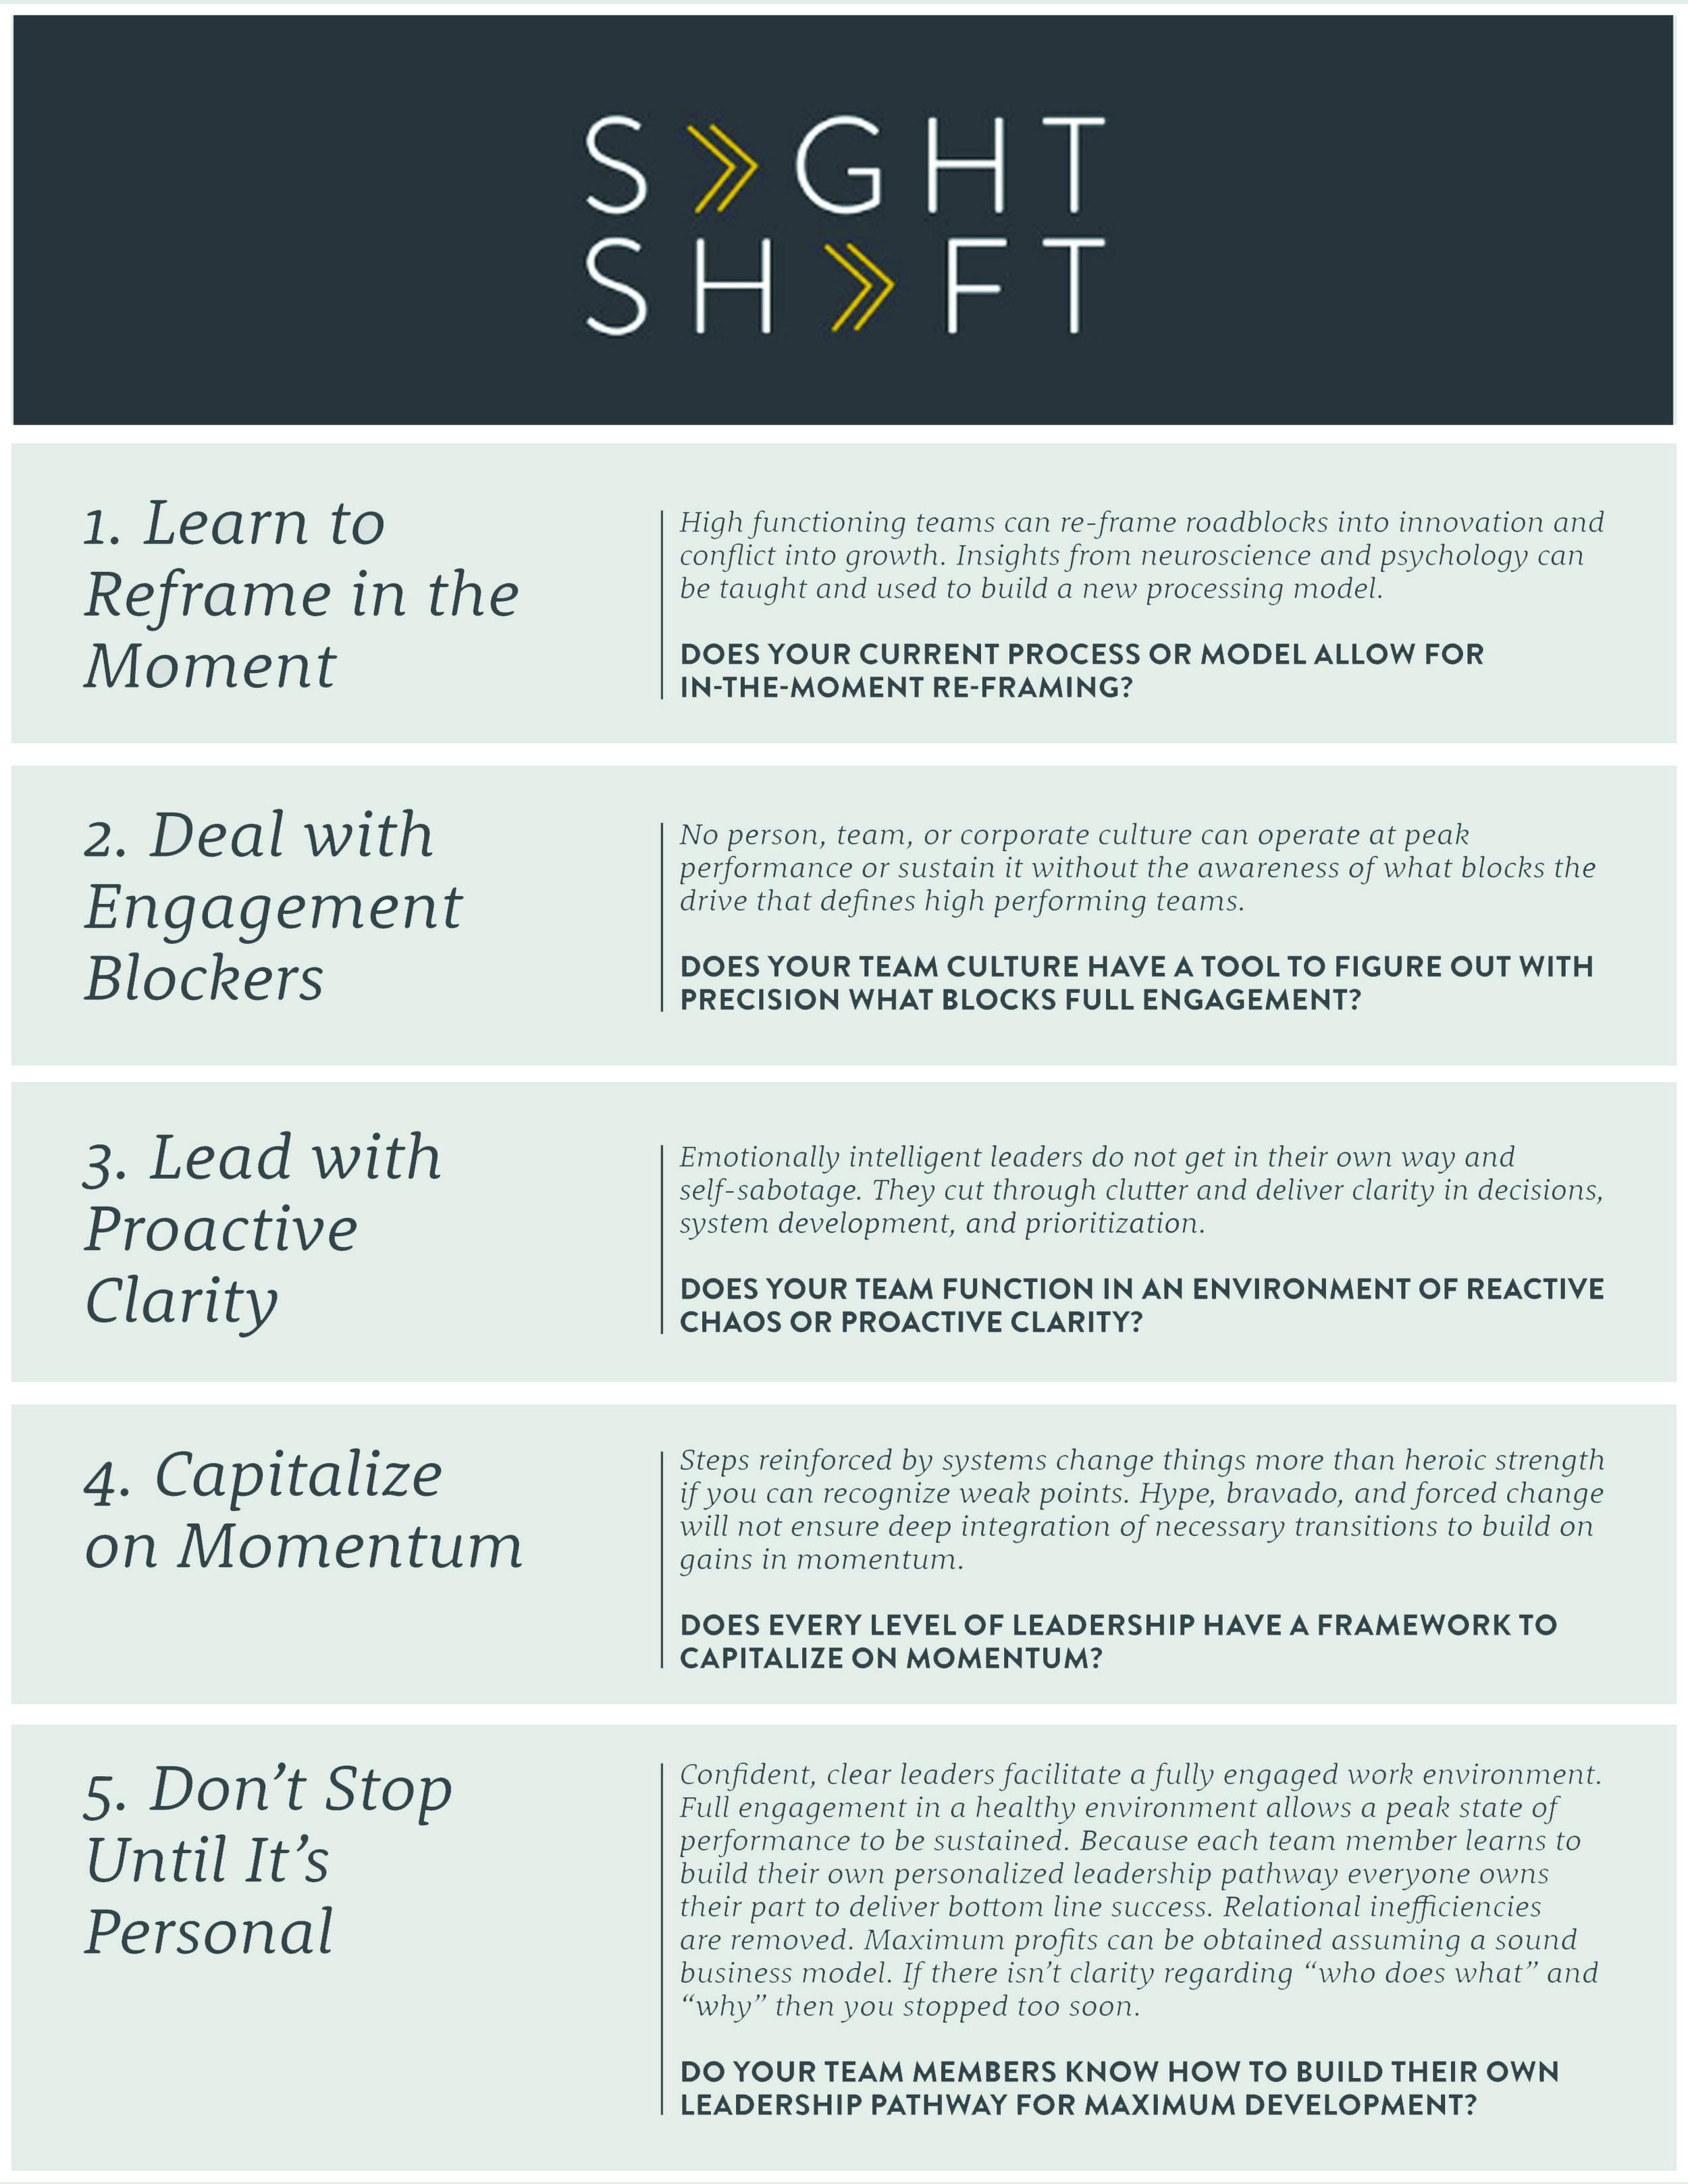 SightShift-ShortForm Team Guide_allgrey (1) (1).jpg